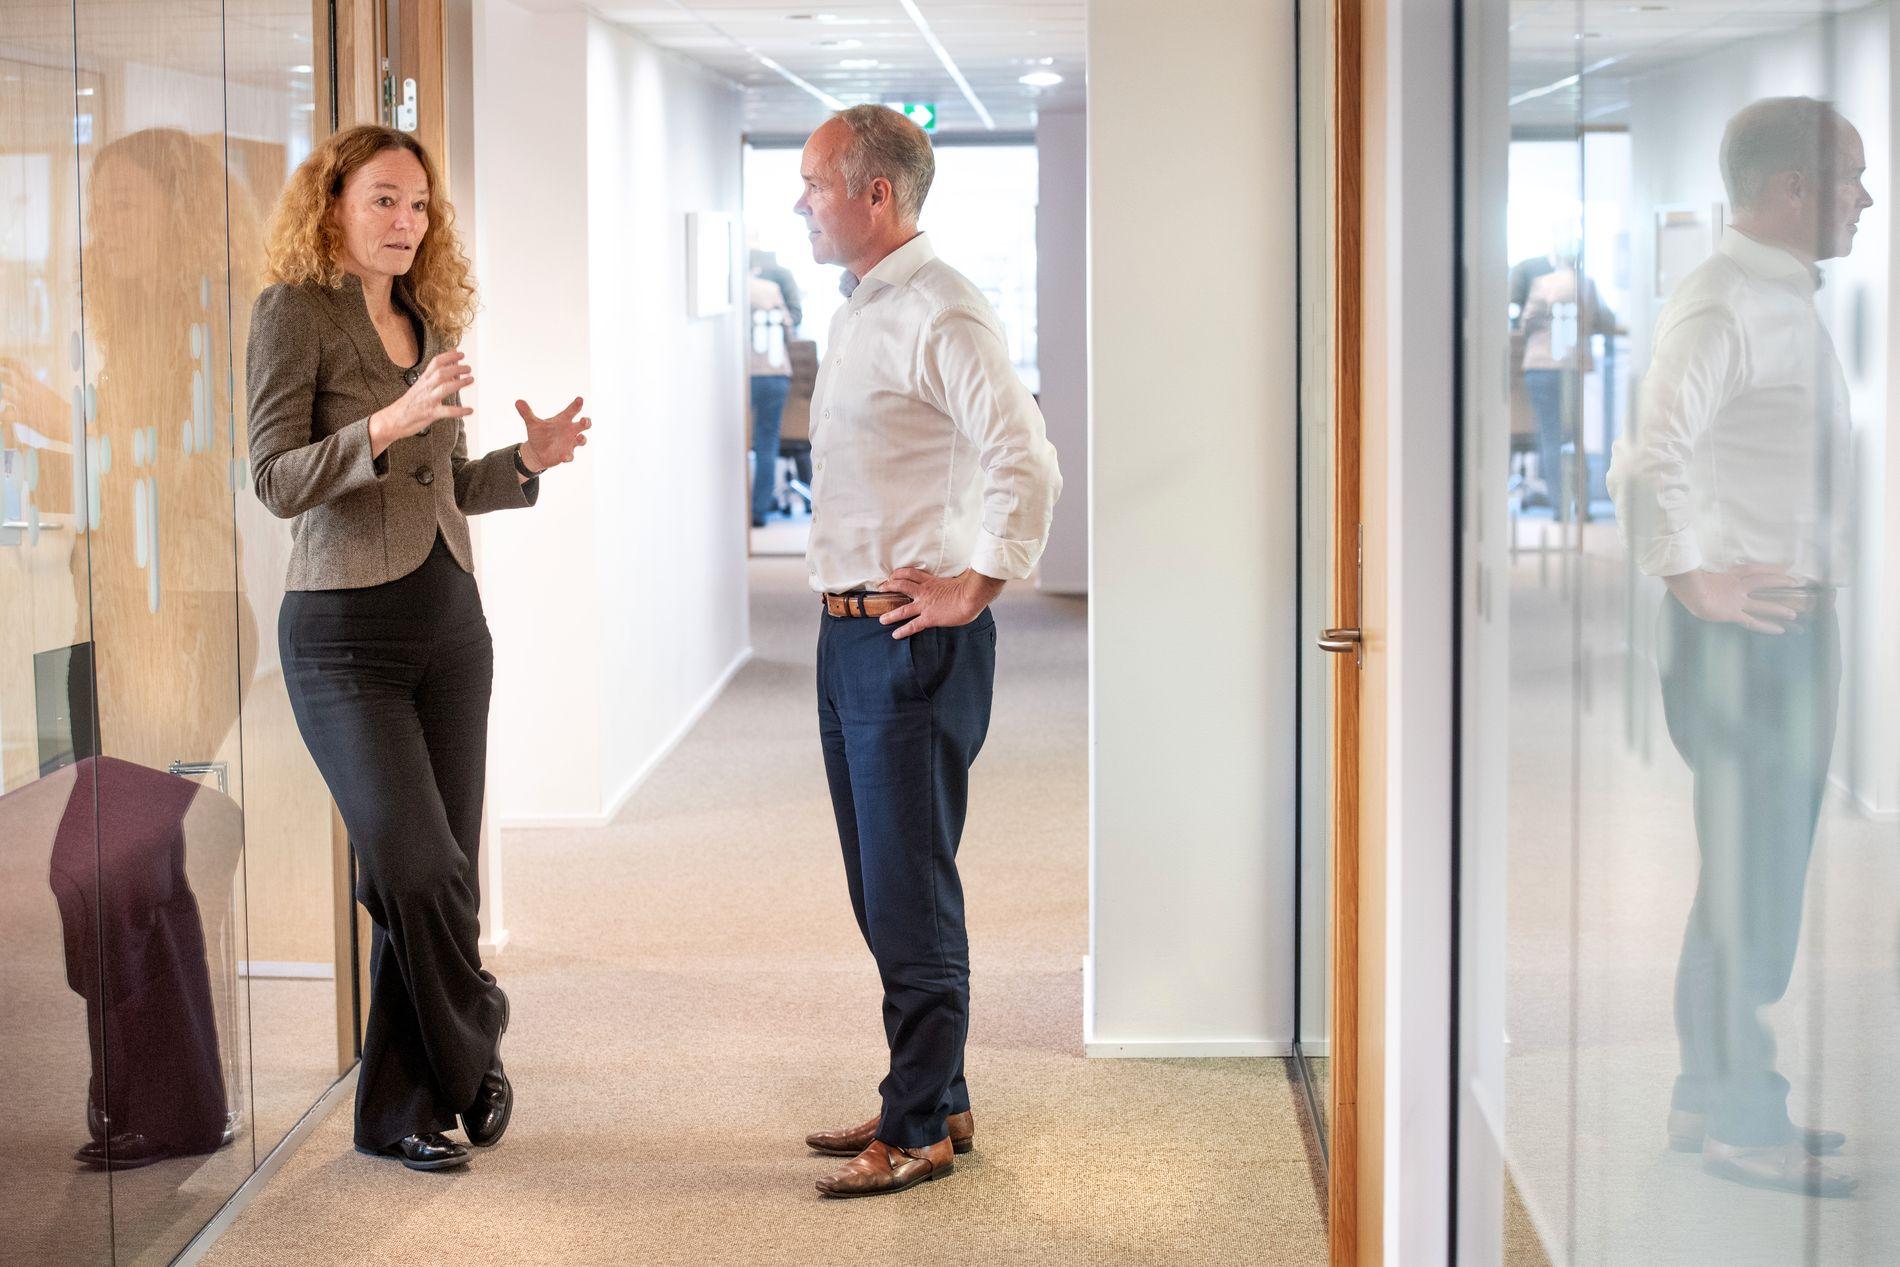 KORRIDORPOLITIKK: Etter en samtale om kjønnsforskjeller i skolen på statsrådens kontor, fortsatte diskusjonen mellom Jan Tore Sanner og Camilla Stoltenberg på gangen i departementet.